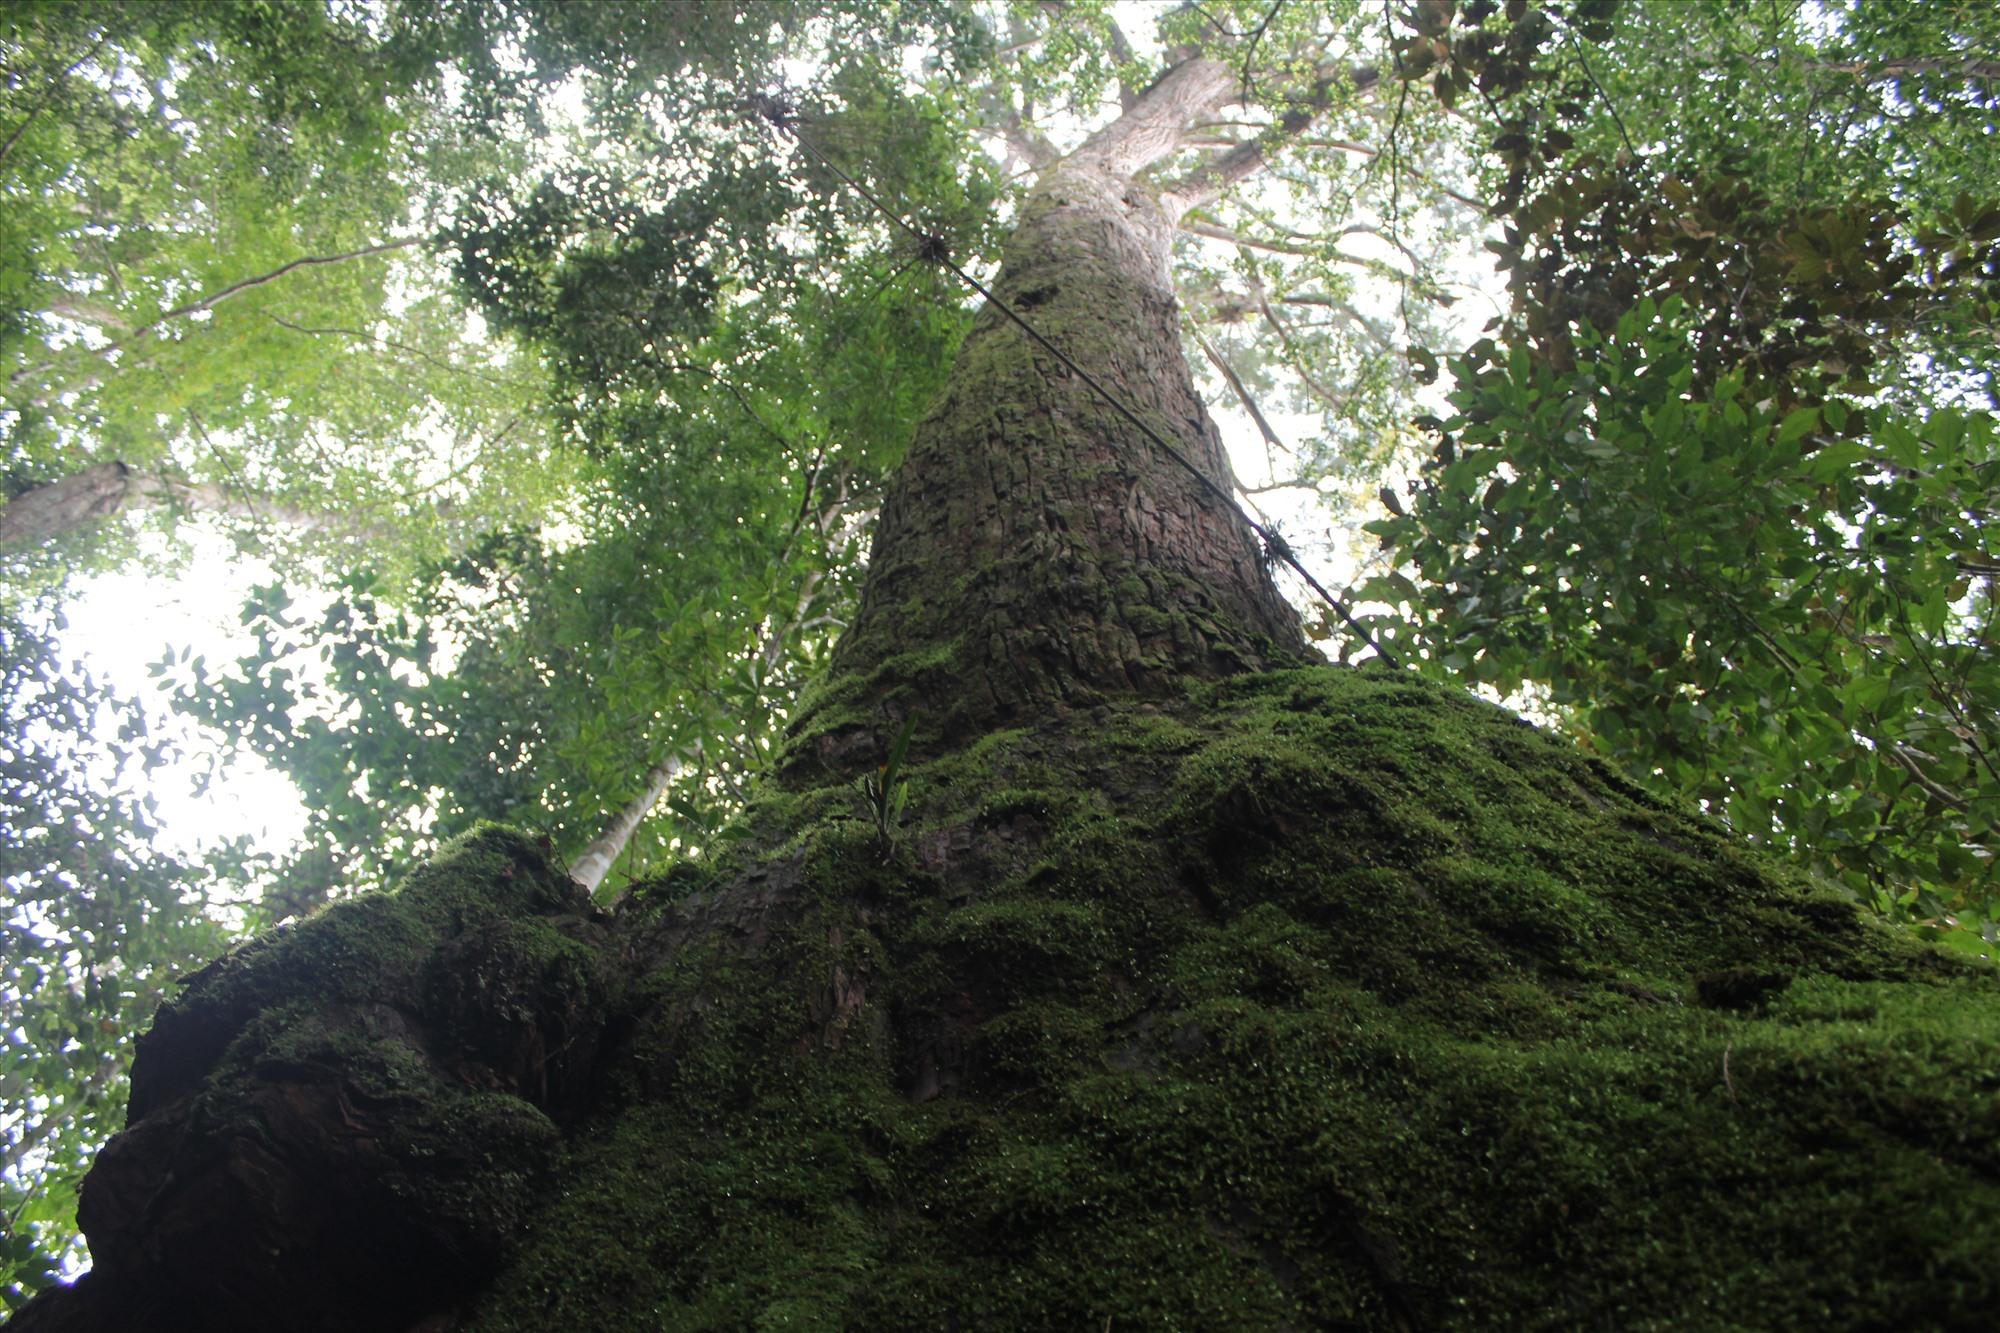 cây si sản Pơ mu được bảo vệ nghiêm ngoặt